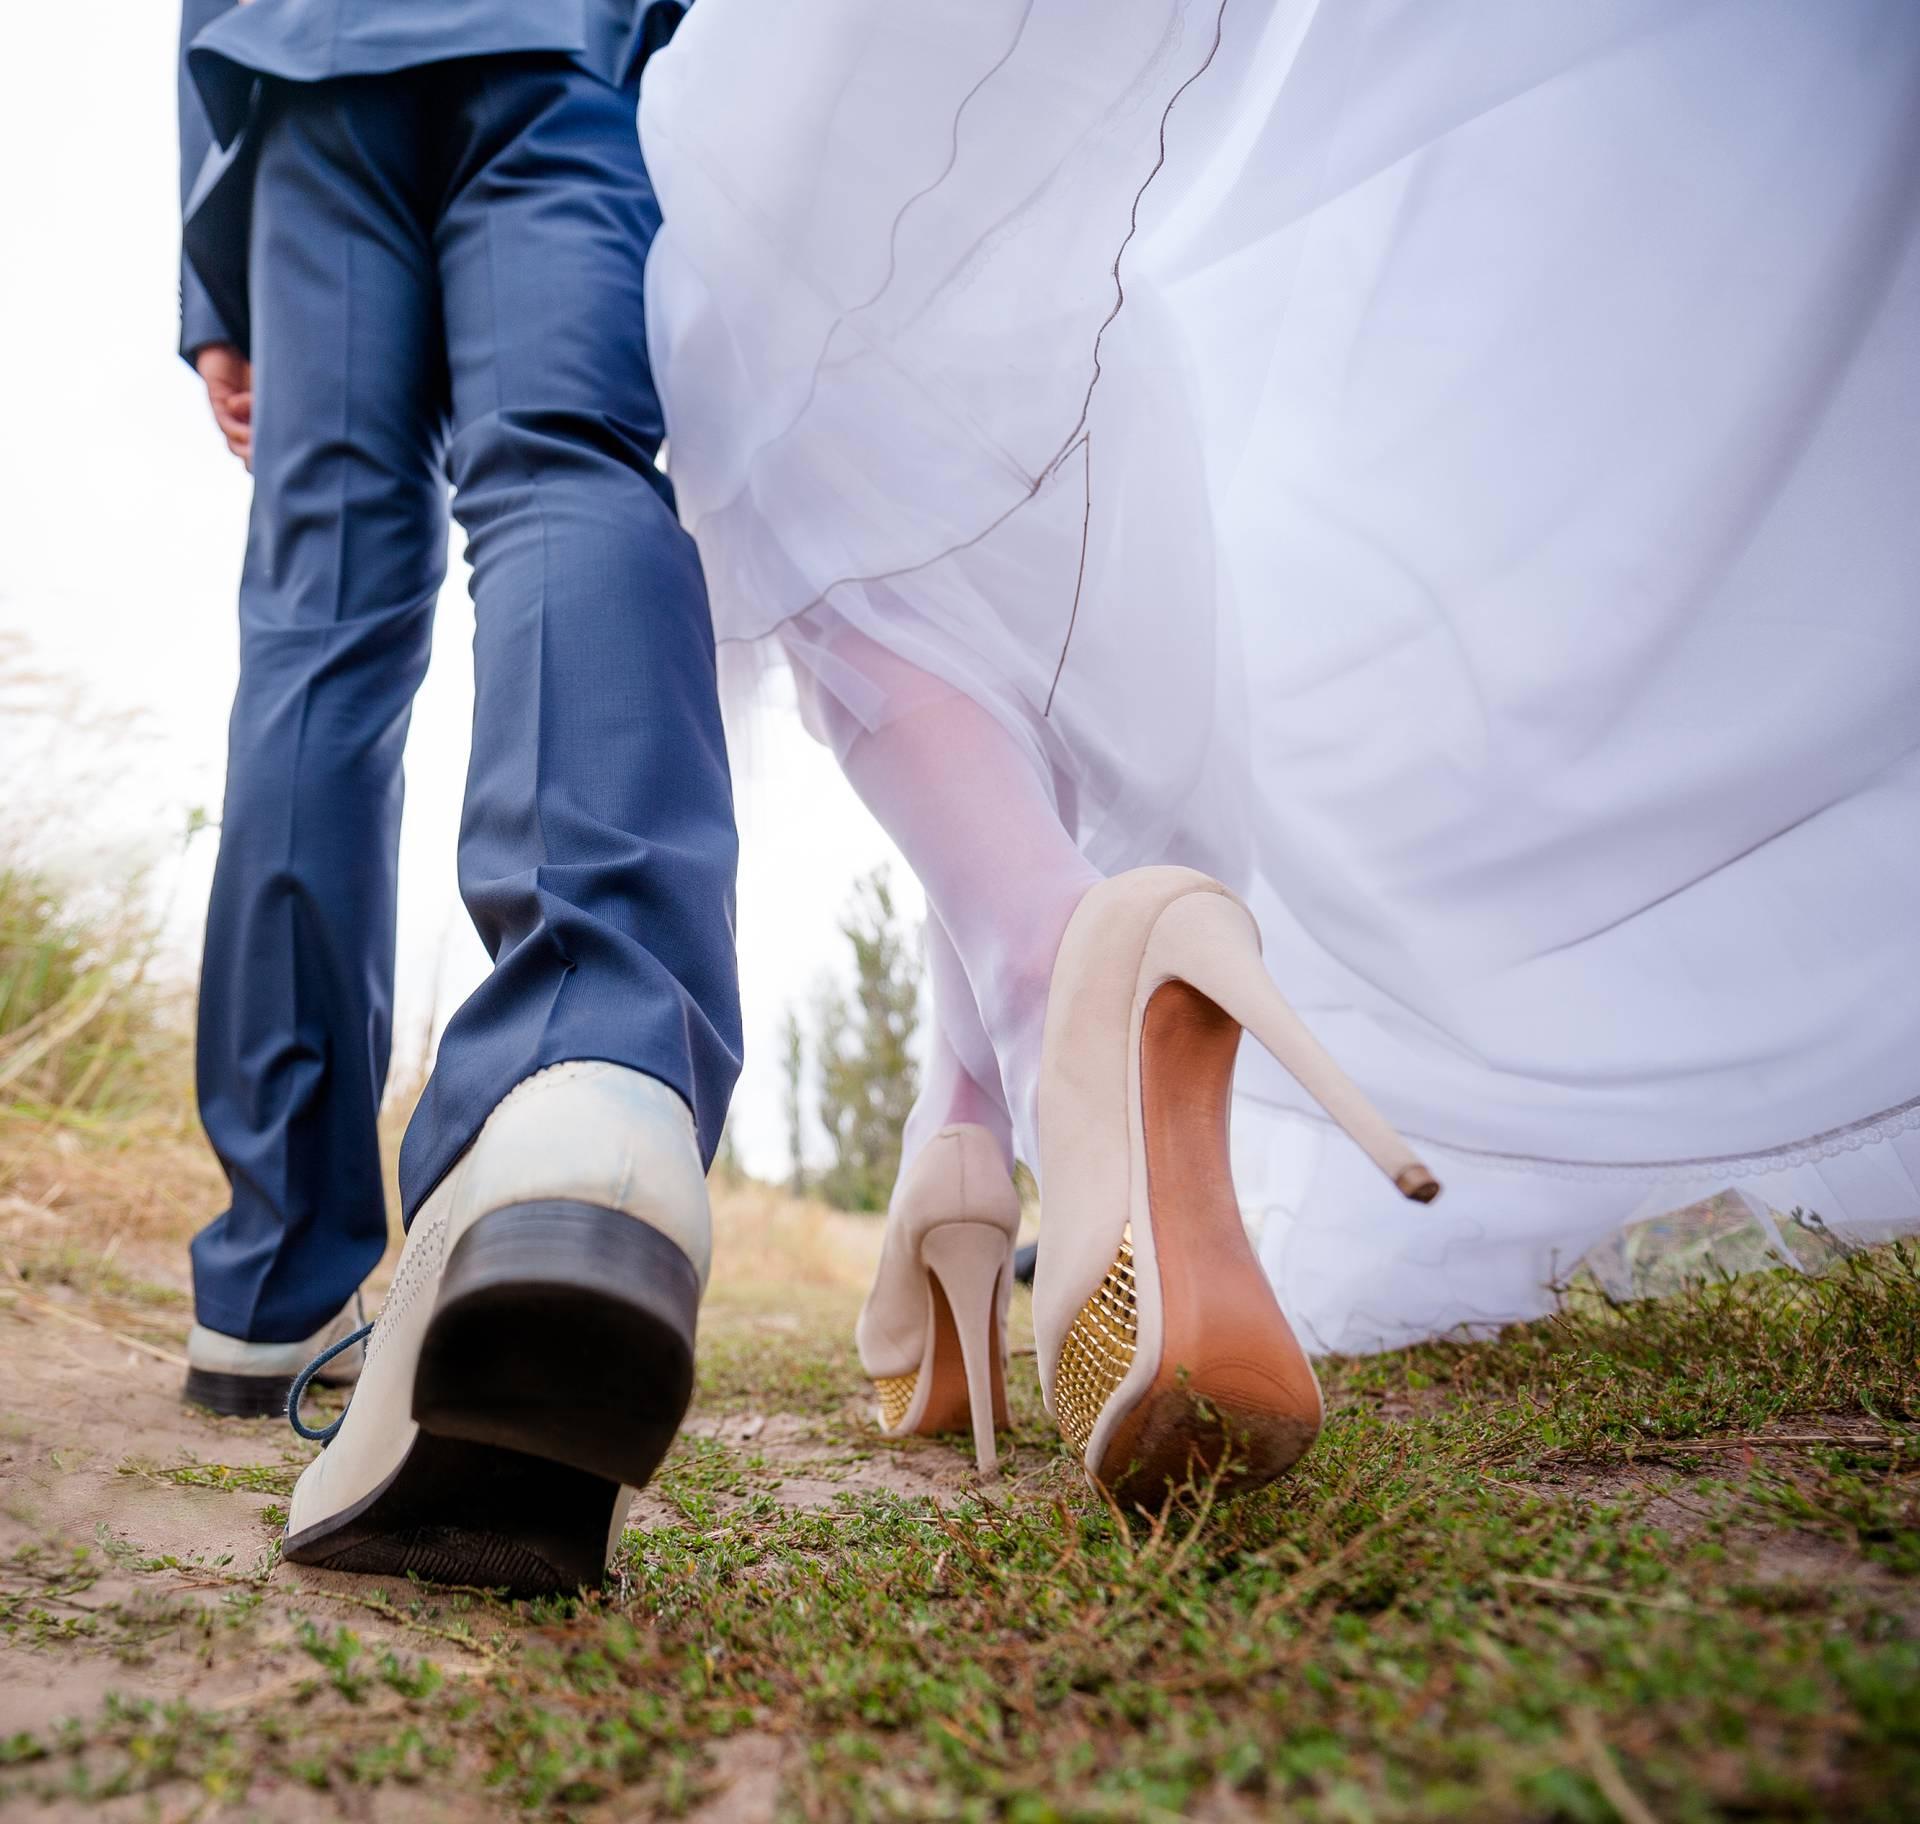 Razlozi zašto ljudi sve kasnije ulaze u brak ili ga uopće ne žele